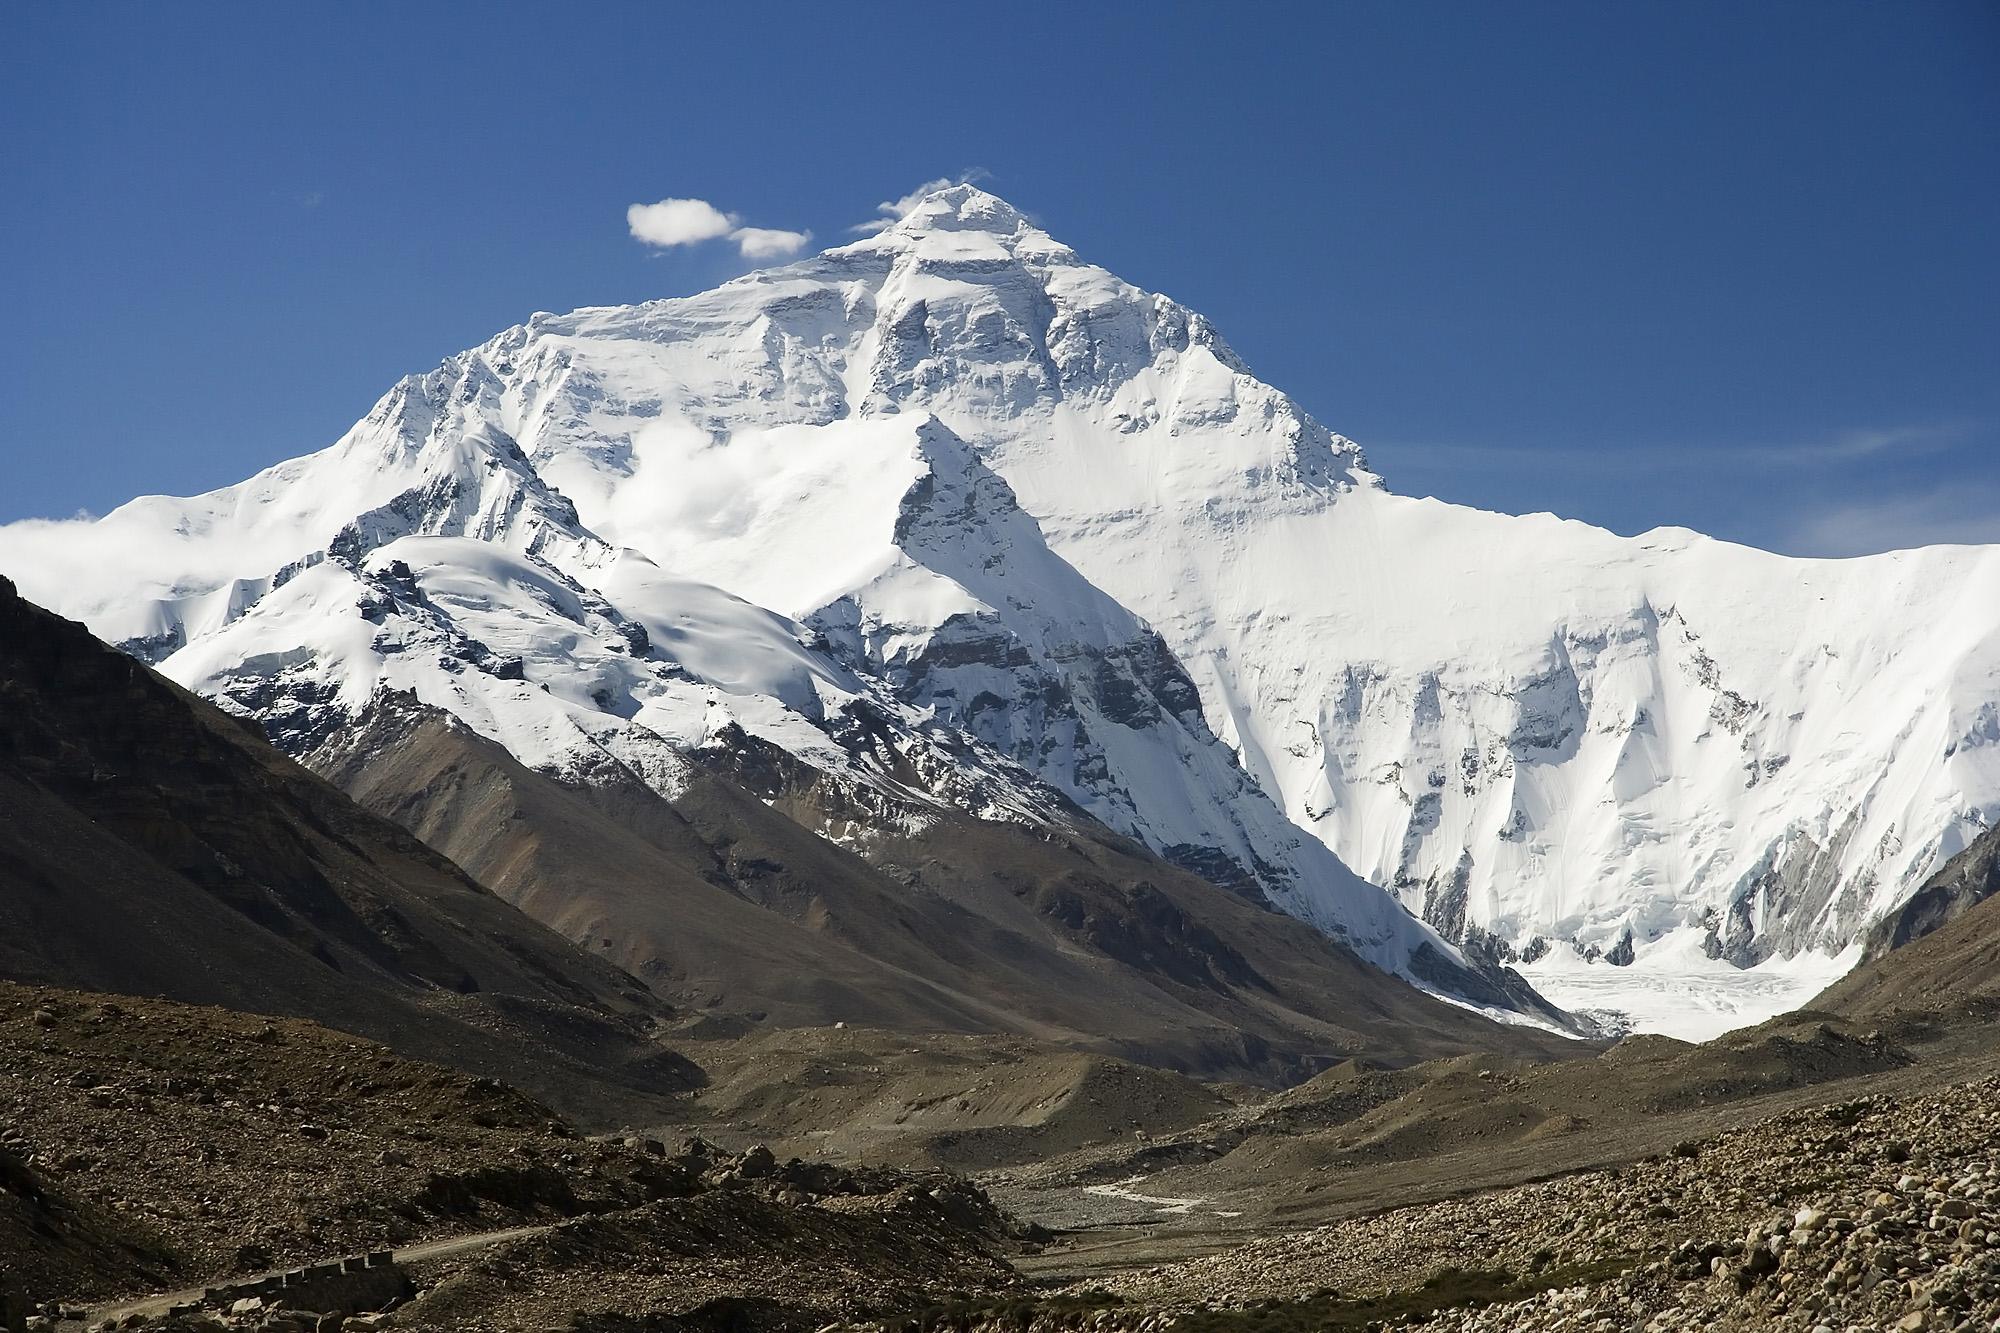 Dãy Himalaya hình thành thế nào, mỗi năm cao thêm bao nhiêu? - Ảnh 1.